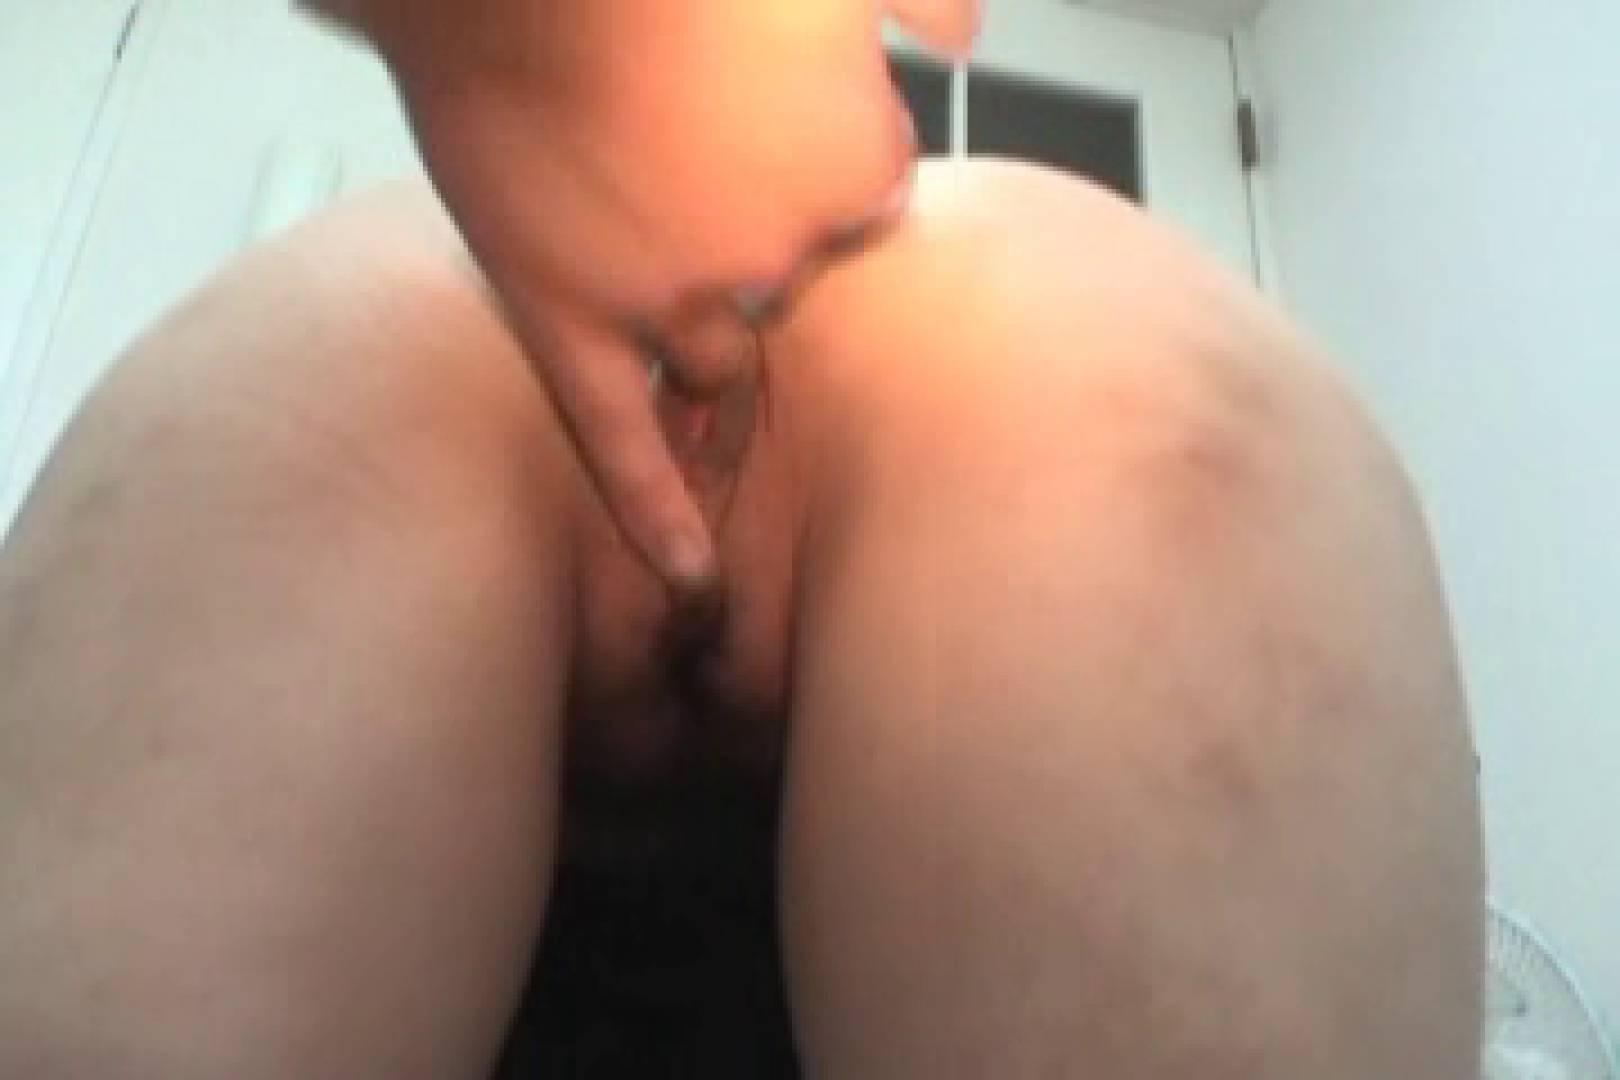 パンツ売りの女の子 ゆづきちゃんvol.1 OLのエッチ  101pic 46